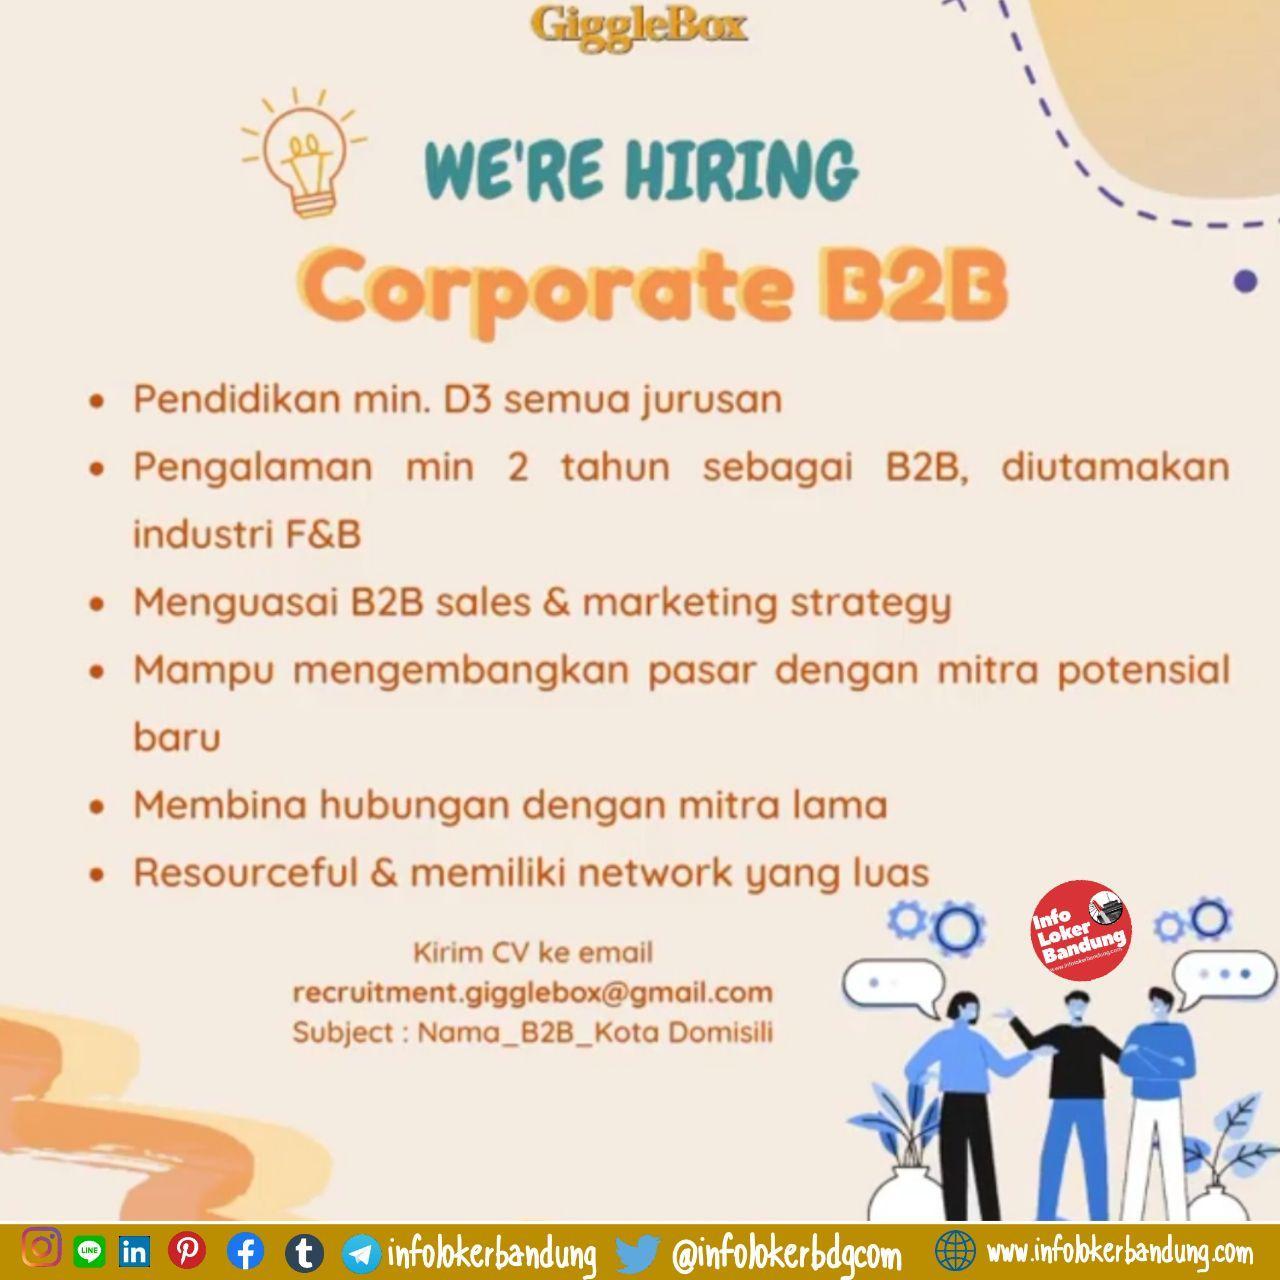 Lowongan Kerja Gigglebox Bandung April 2020